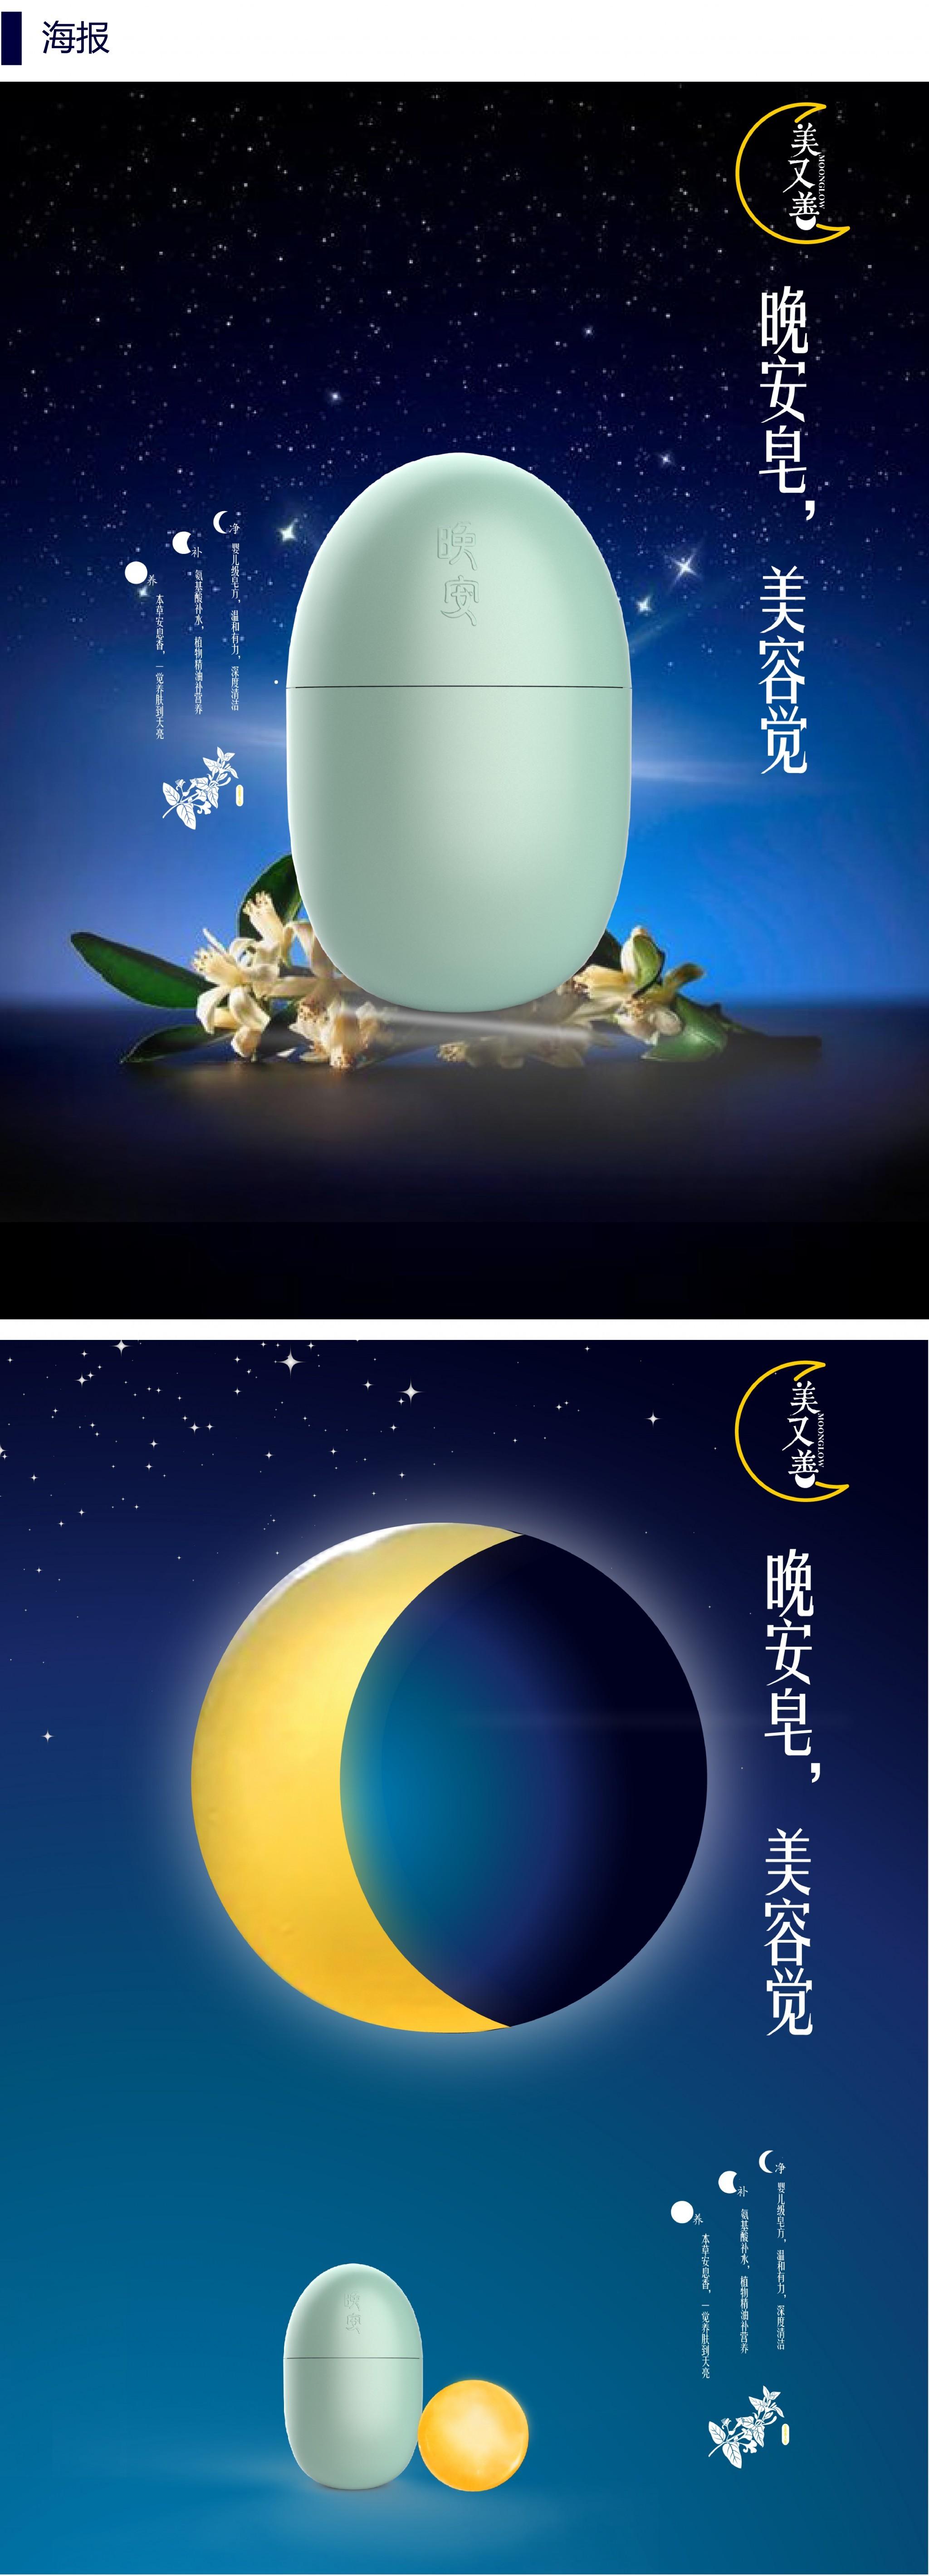 美又善官网-07